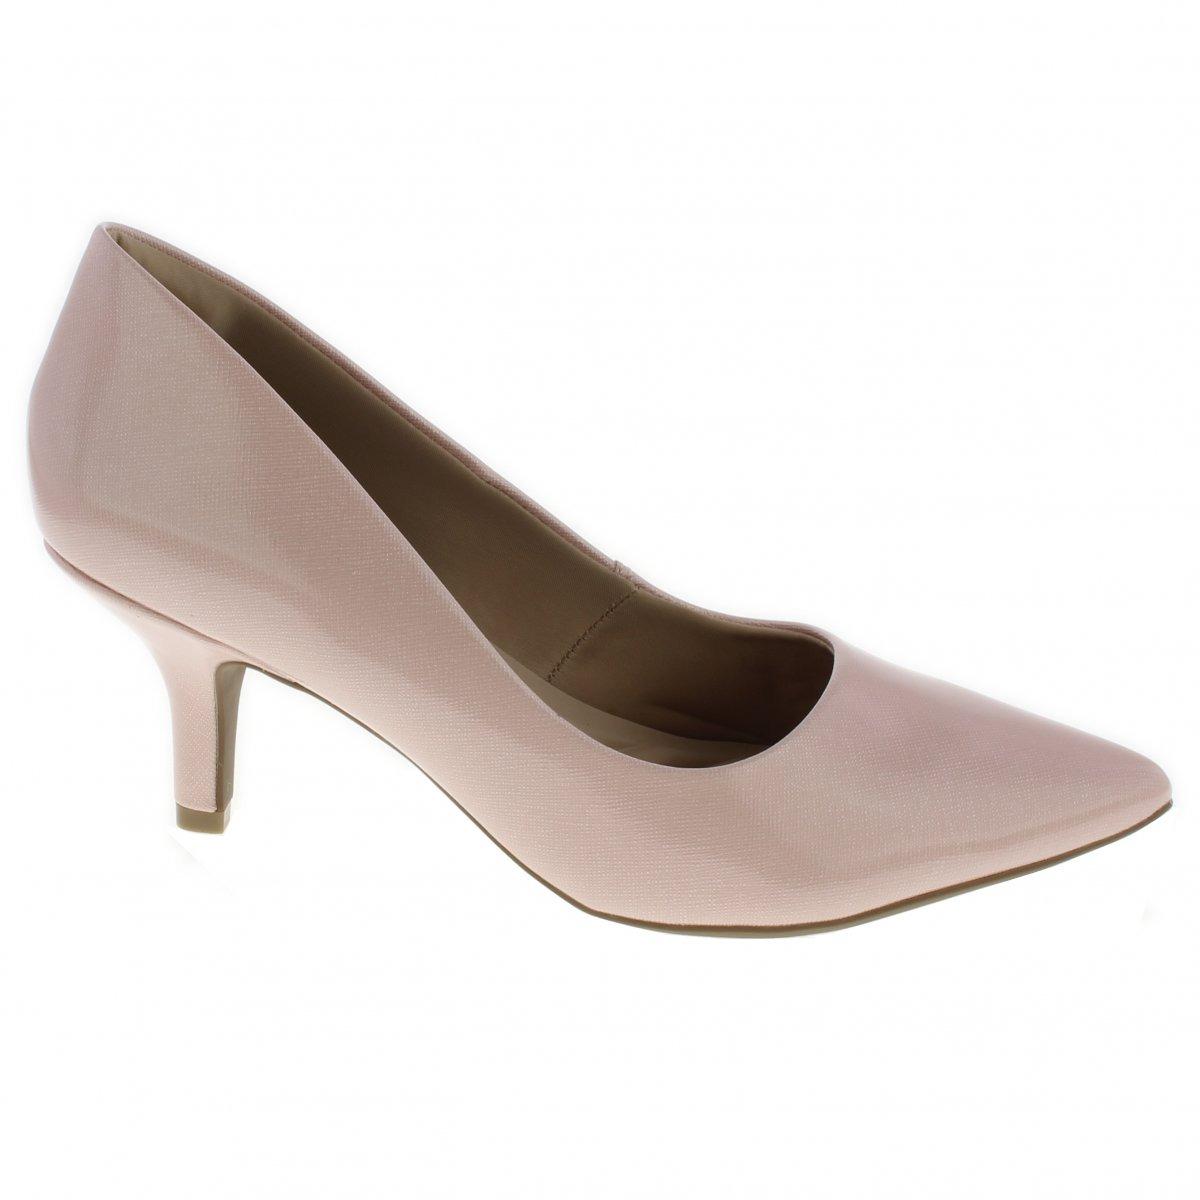 f17d8767e Sapato Scarpin Ramarim Total Conforto Santo Baixo 1726201 - R$ 149 ...